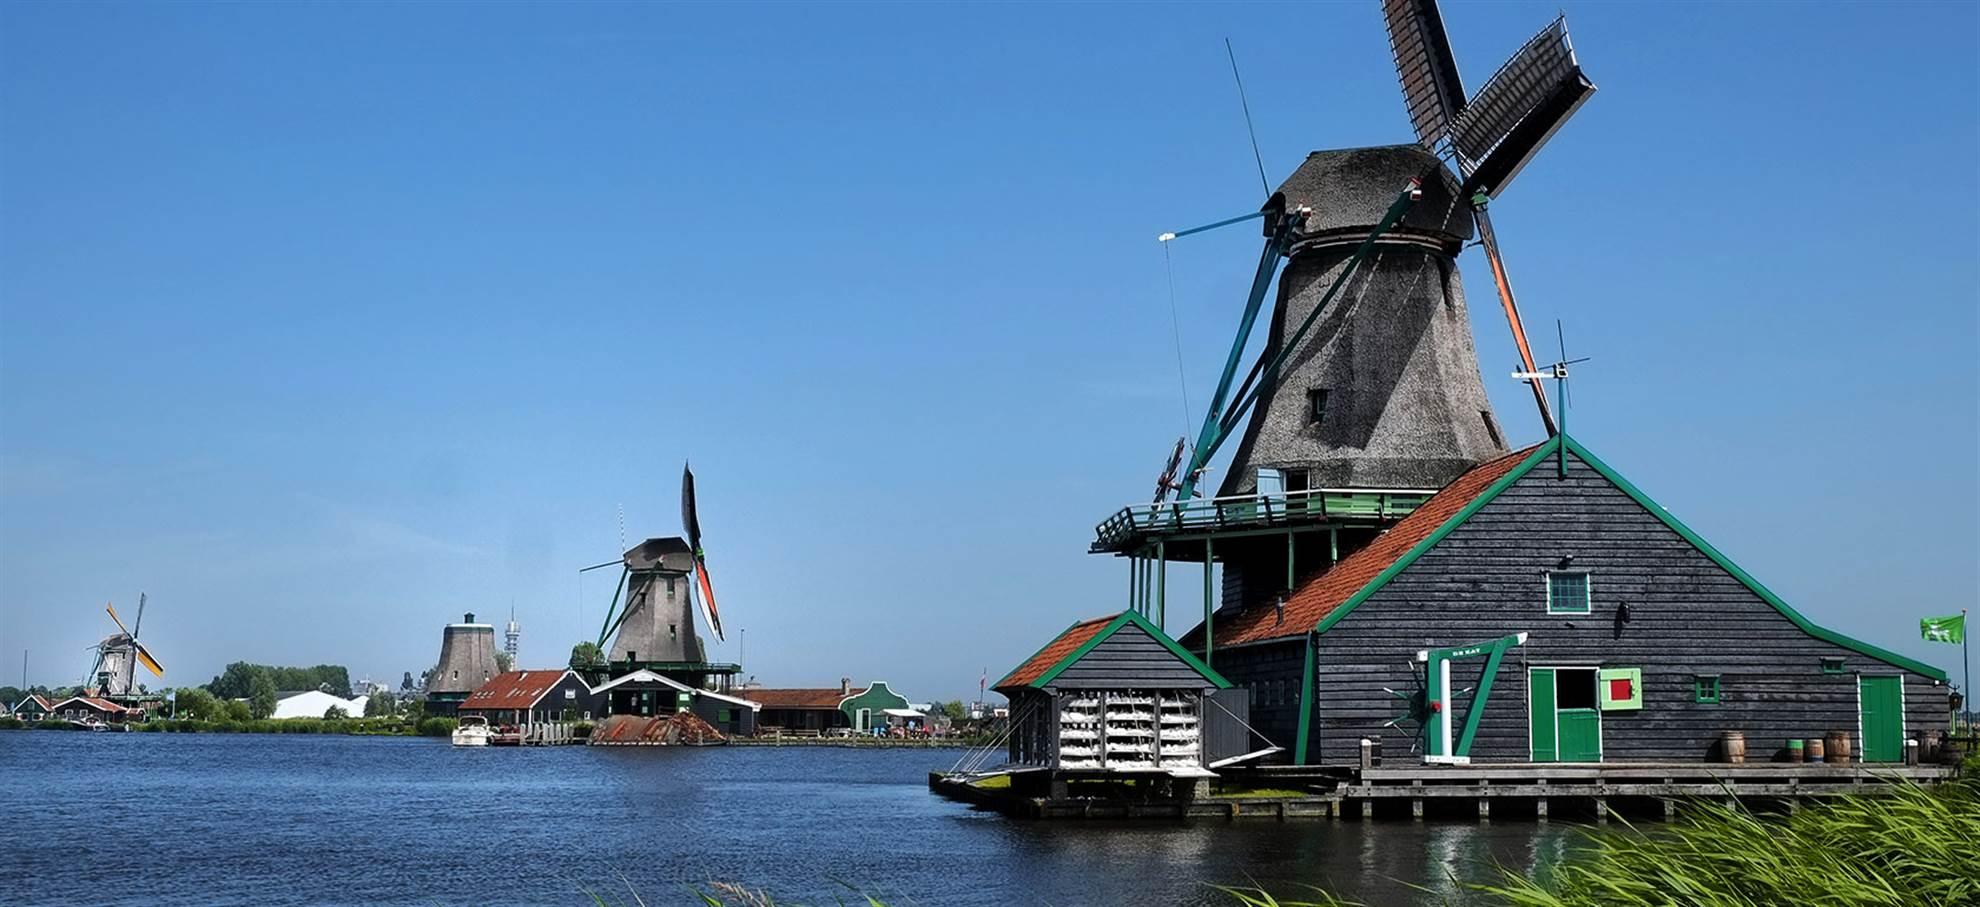 Excursão de um dia ao Keukenhof, Volendam e Moinhos de Vento